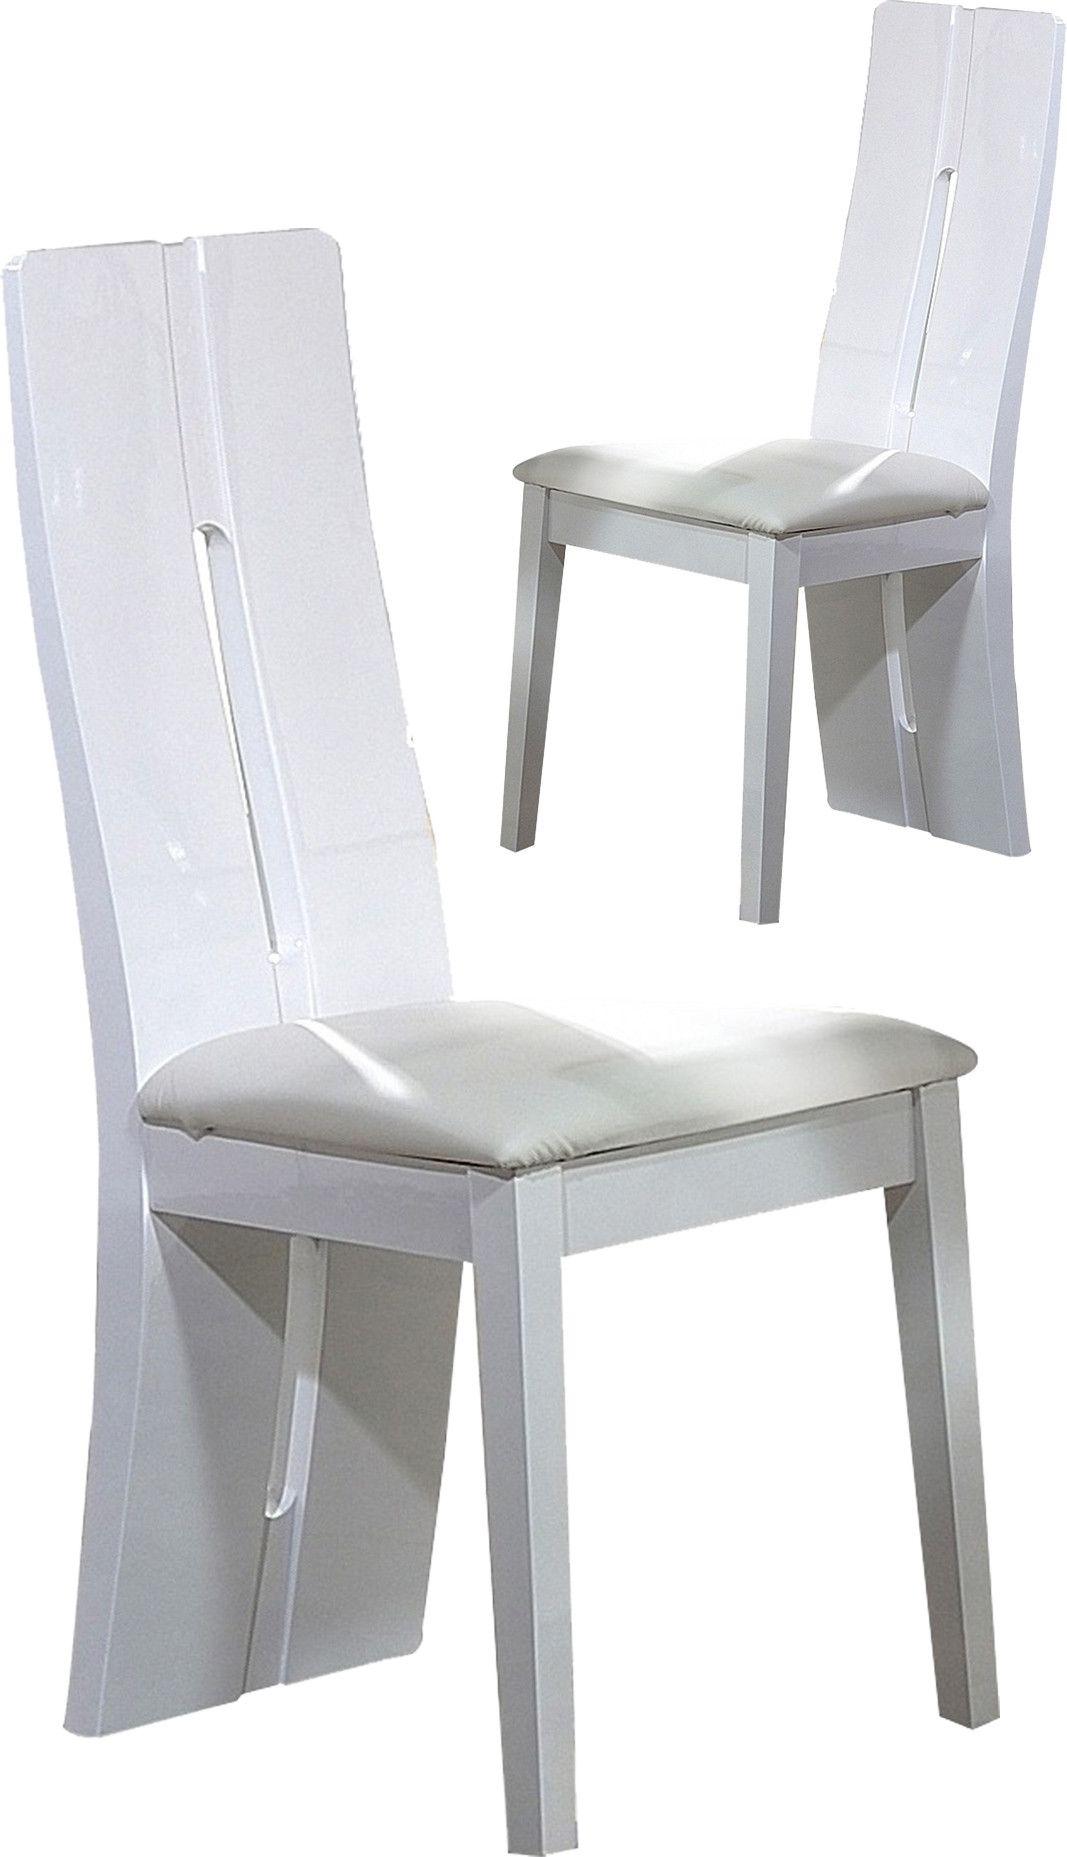 Lot De 2 Chaises Design Blanc Laque Chaises De Salle A Manger Design Salle A Manger Design Chaise De Salle A Manger